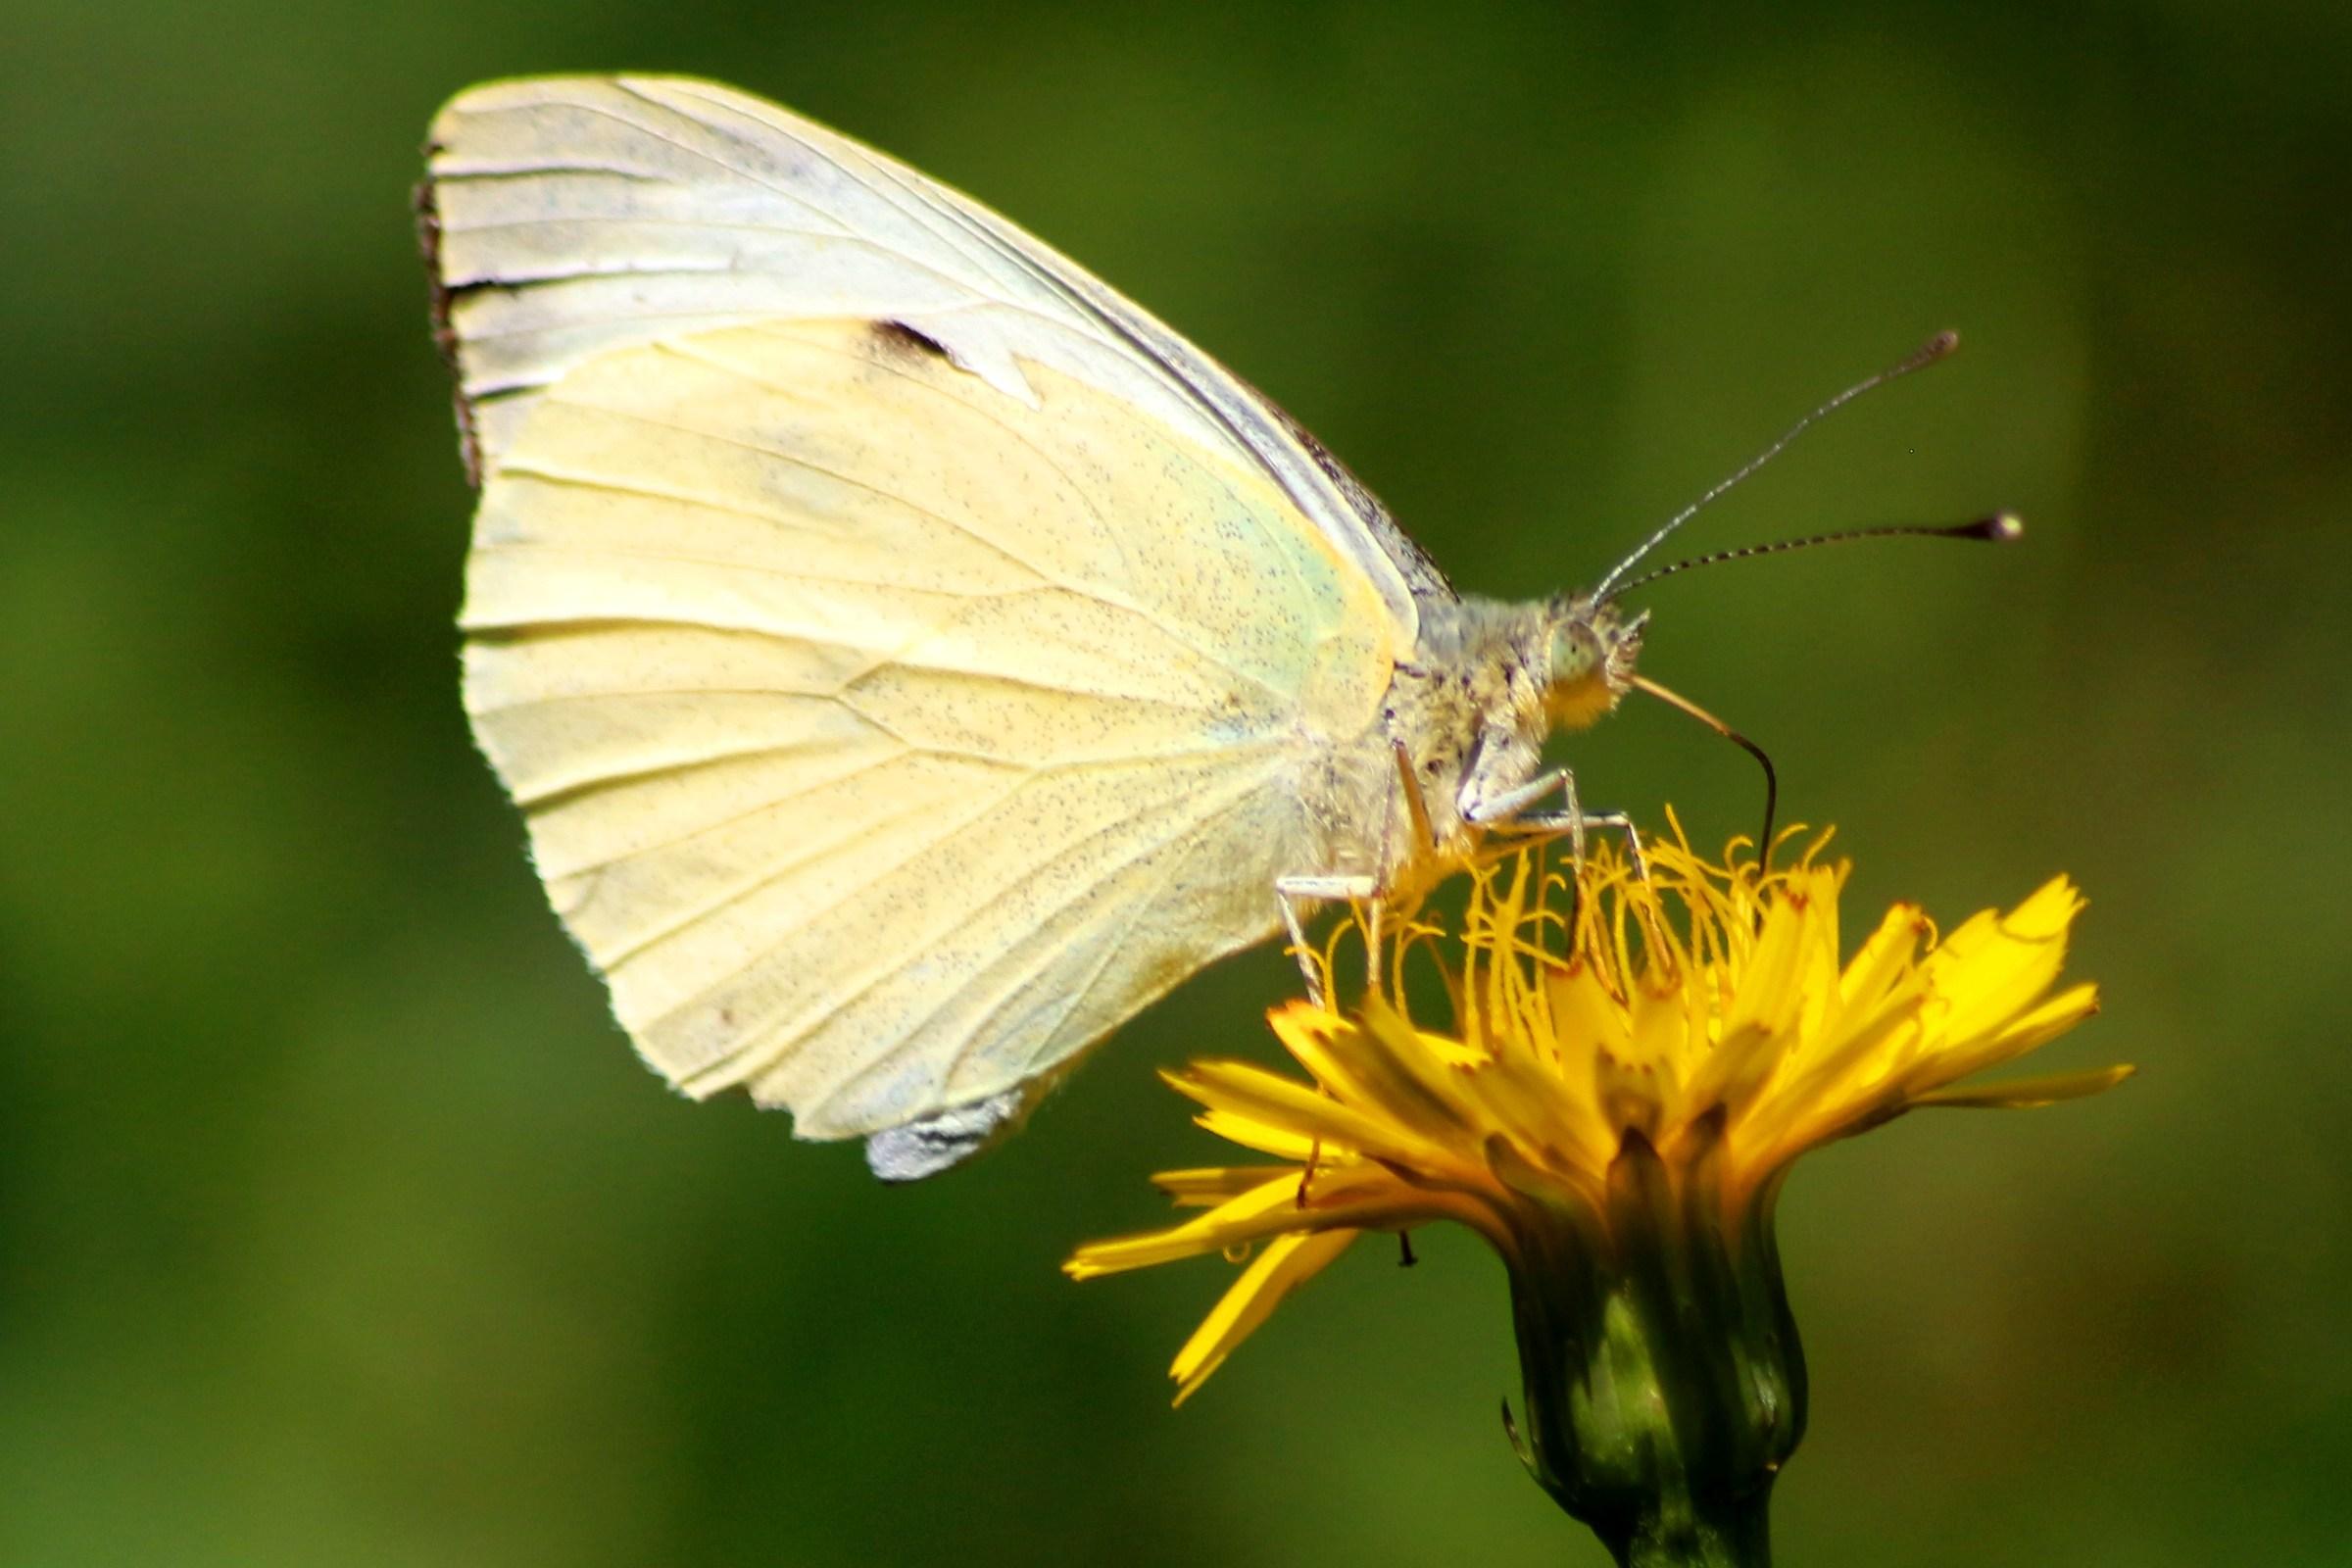 la farfalla bianca sul fiore giallo...